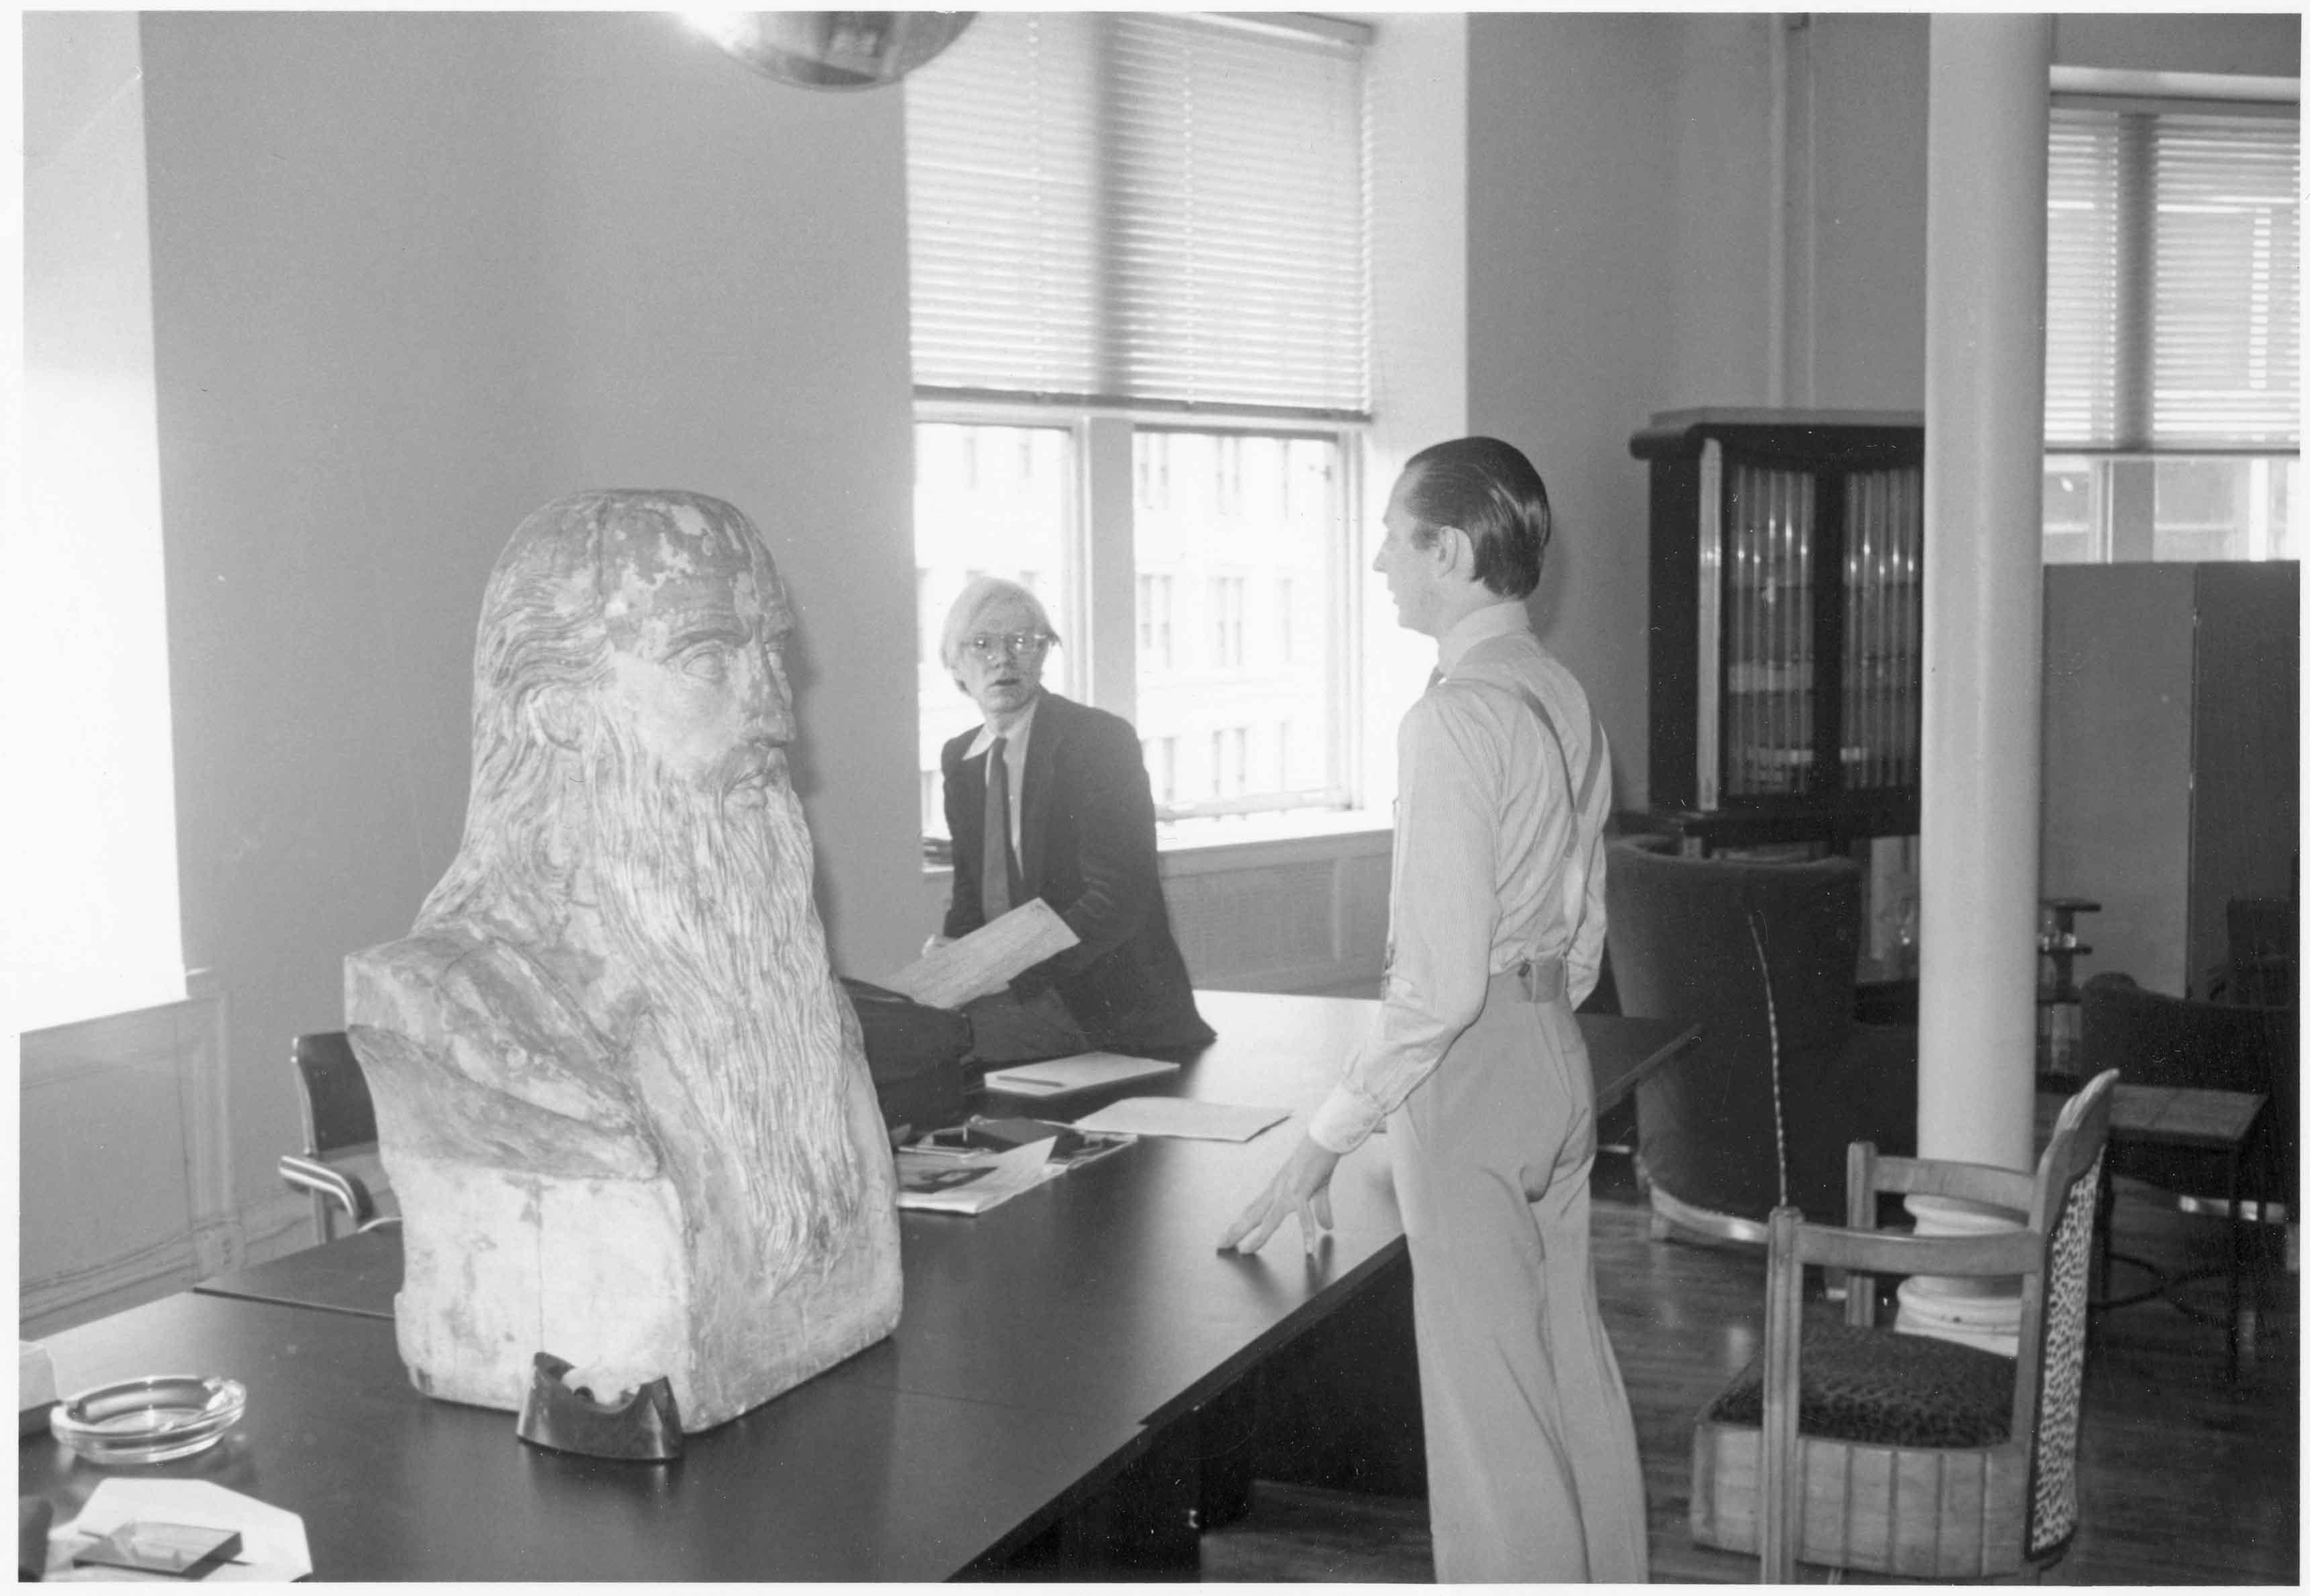 Andy et Fred Hughes, président d'Andy Warhol Enterprises, à la réception de la troisième Factory, au 860, Broadway, décorée d'un buste en bois de Léonard de Vinci. © Bob Colacello